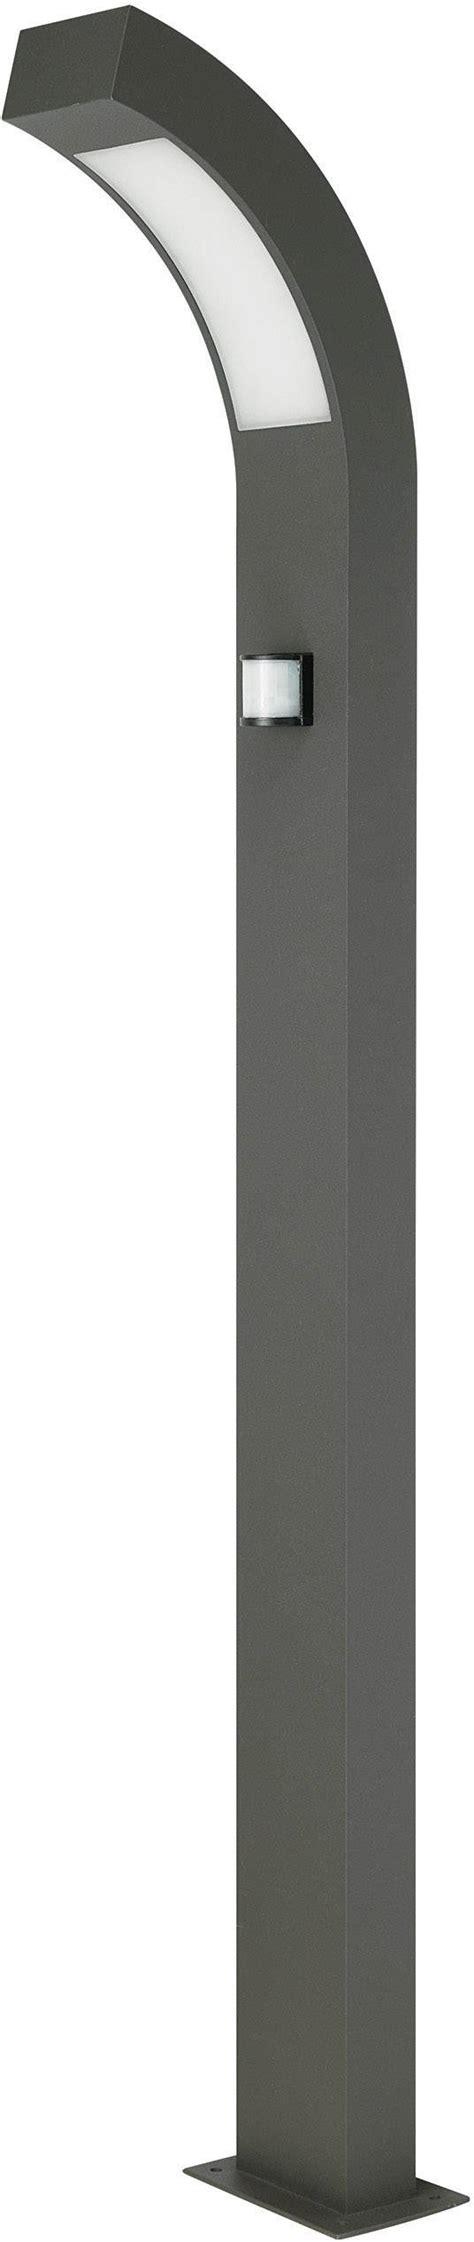 lampadaire led exterieur avec detecteur de mouvements prebent   anthracite  cm conradfr